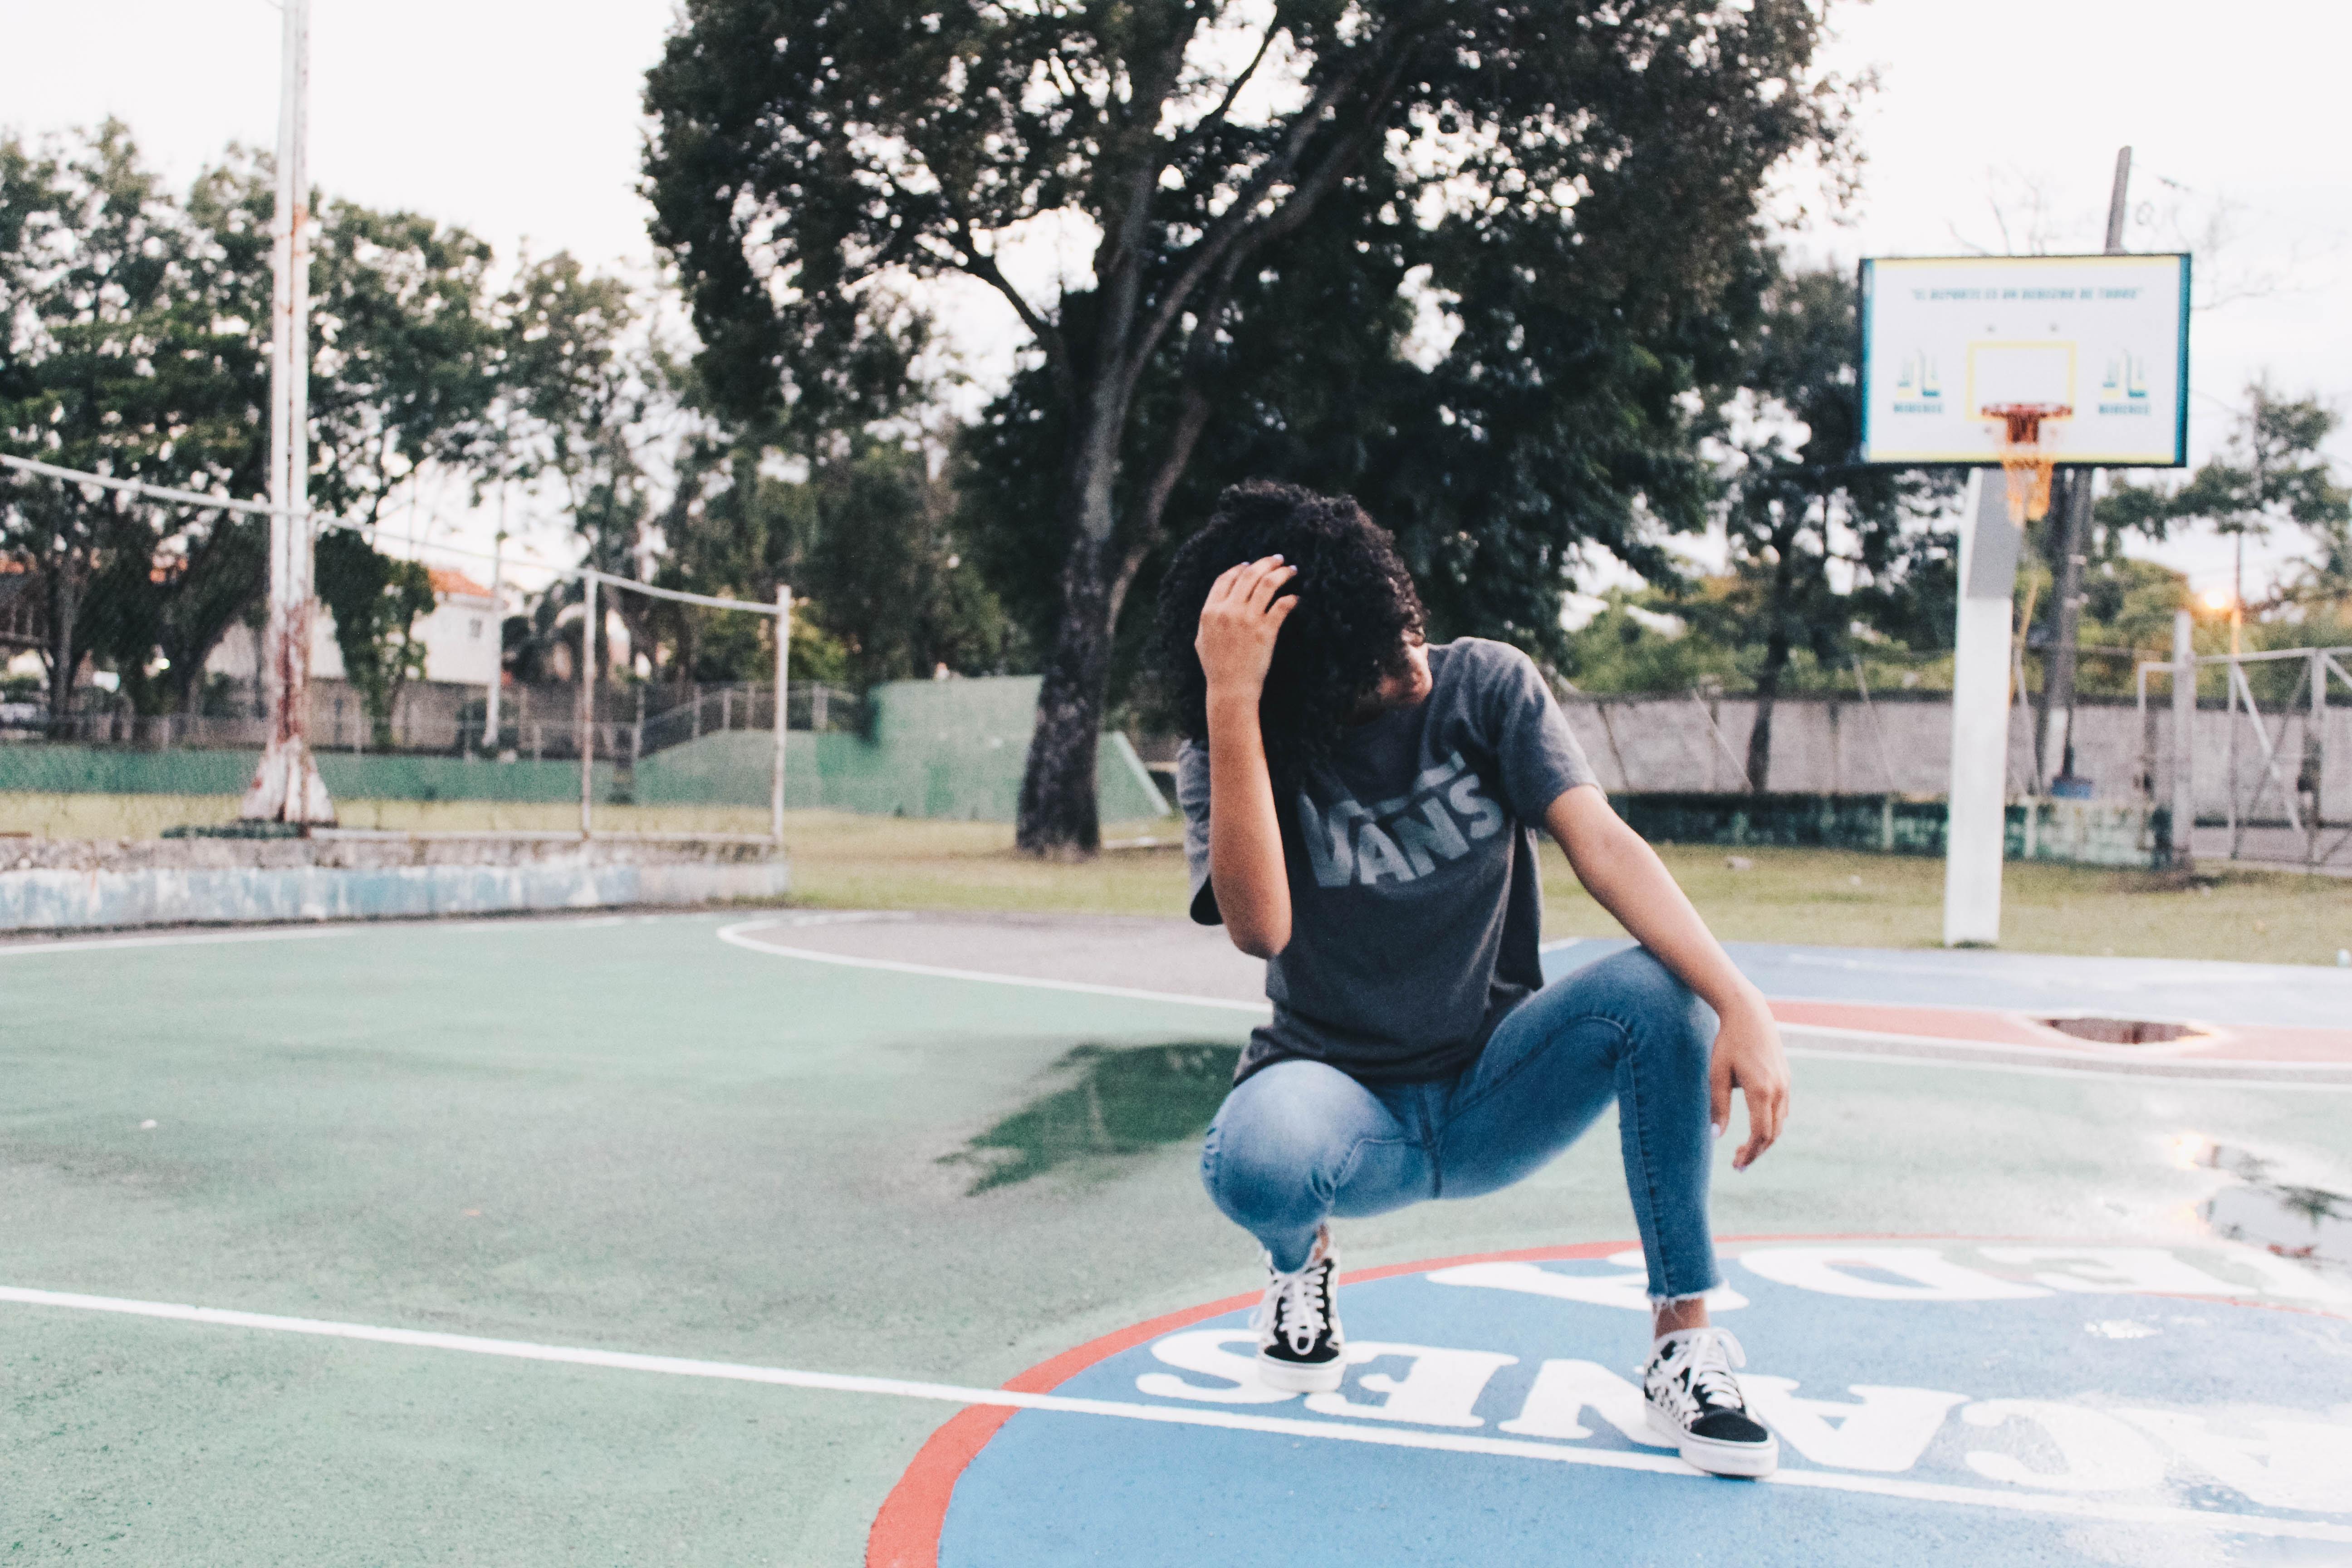 crouching woman wearing gray t-shirt on basketball court